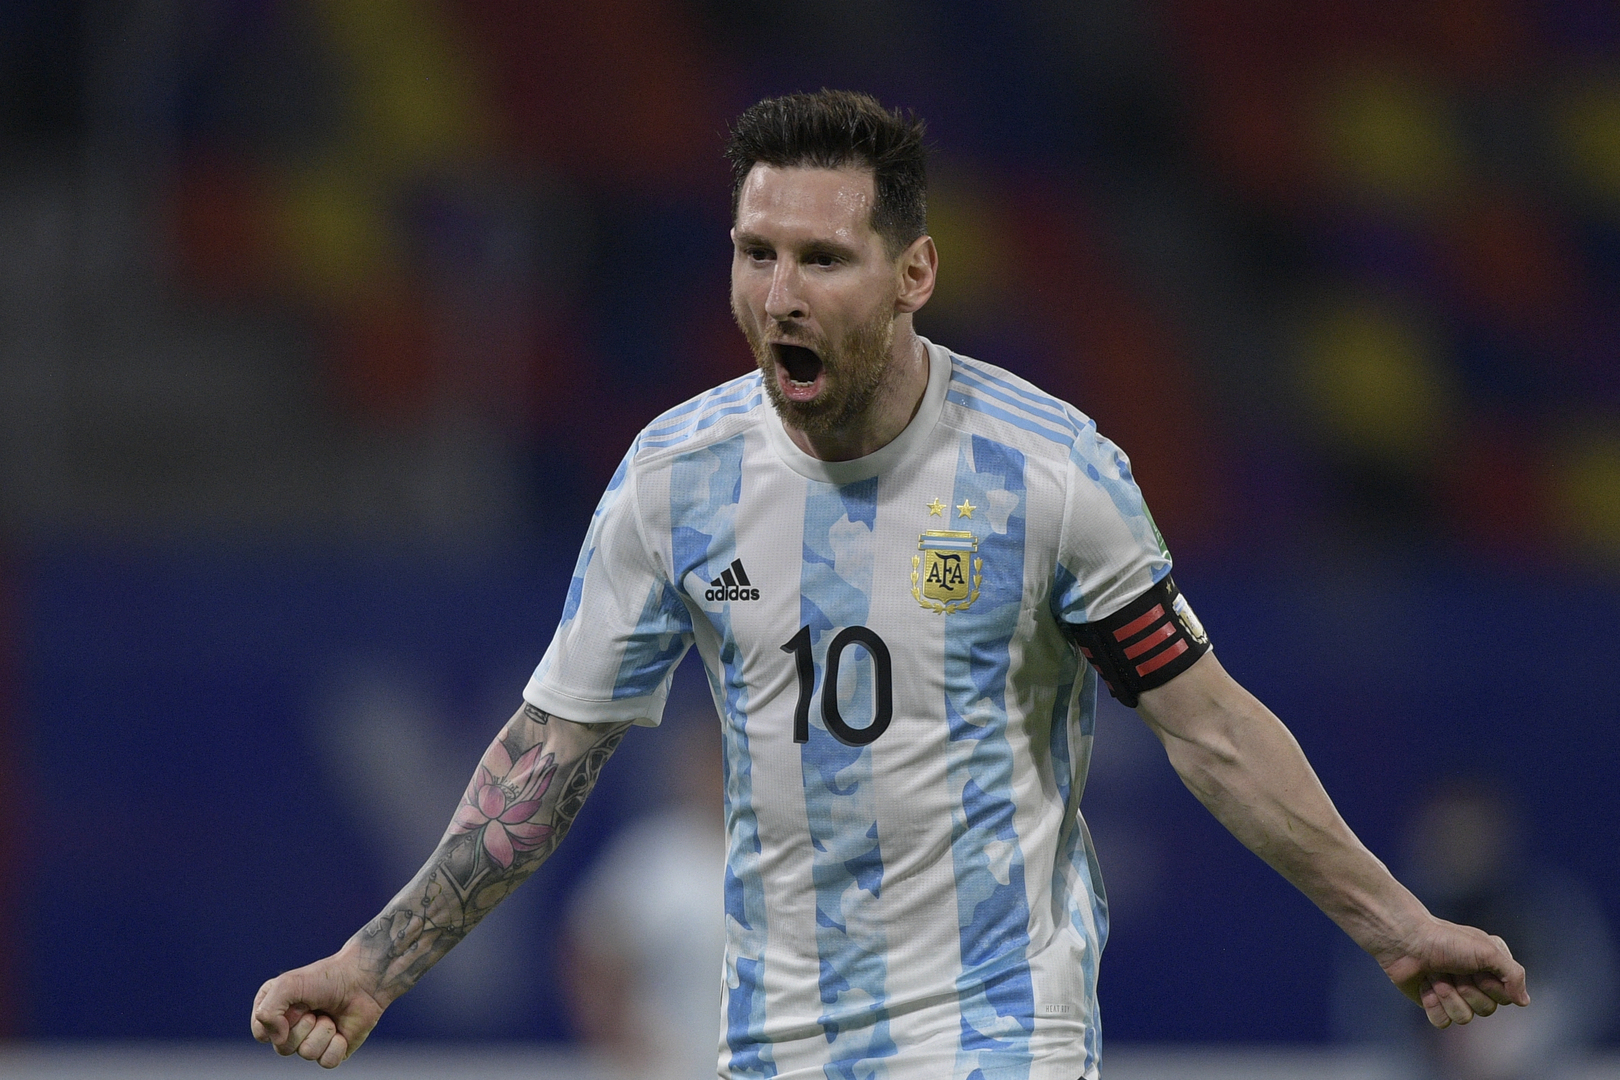 شاهد.. ميسي يهز الشباك والأرجنتين تكتفي بالتعادل مع تشيلي في تصفيات كأس العالم